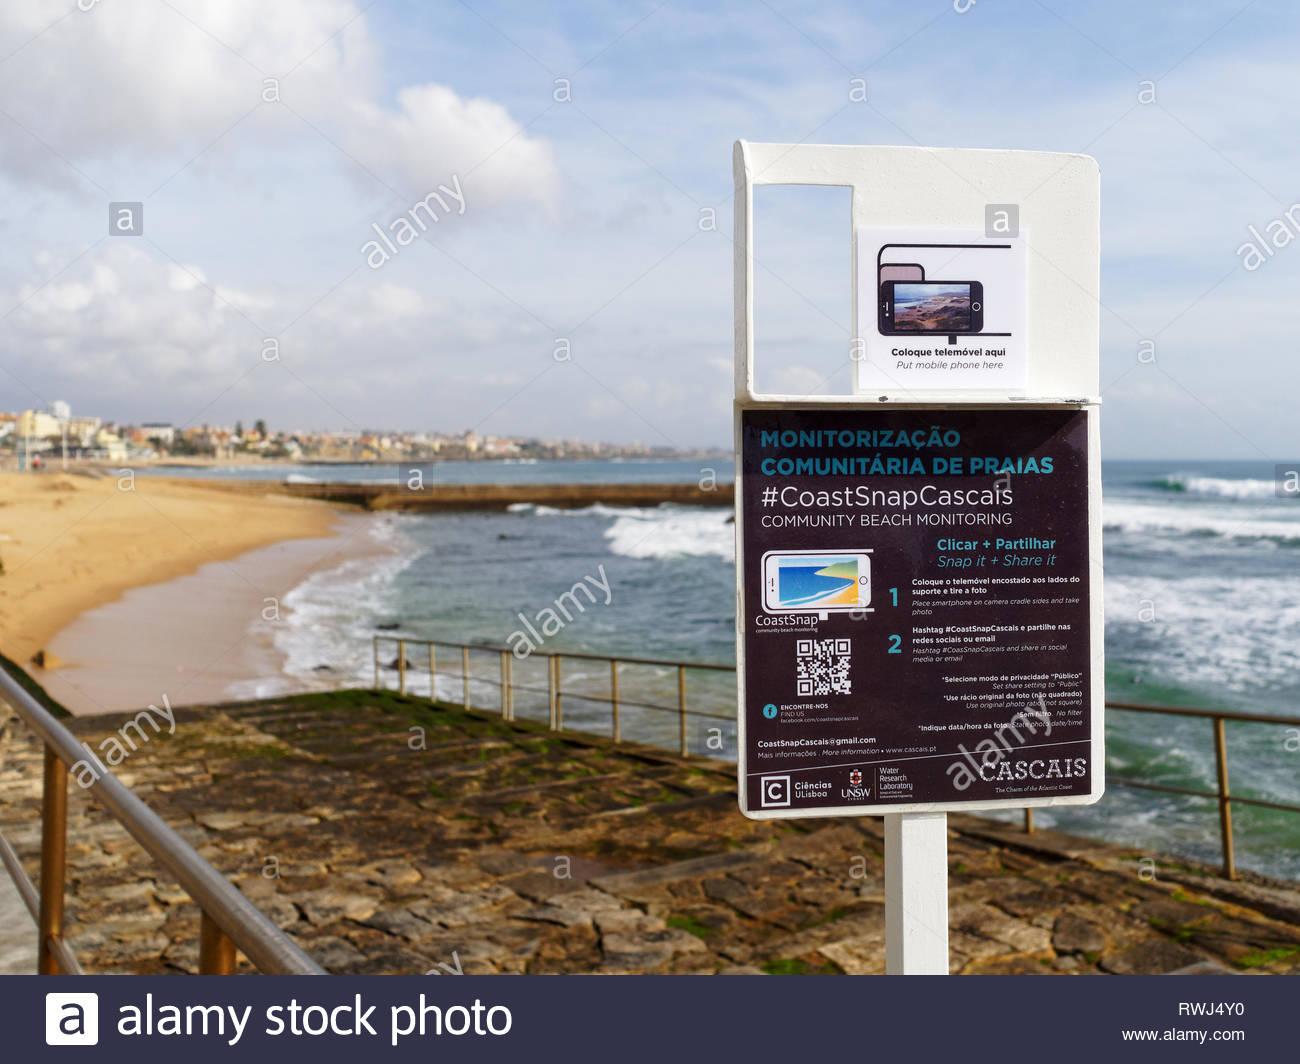 Social media coastal view Cascais, Portugal - Stock Image